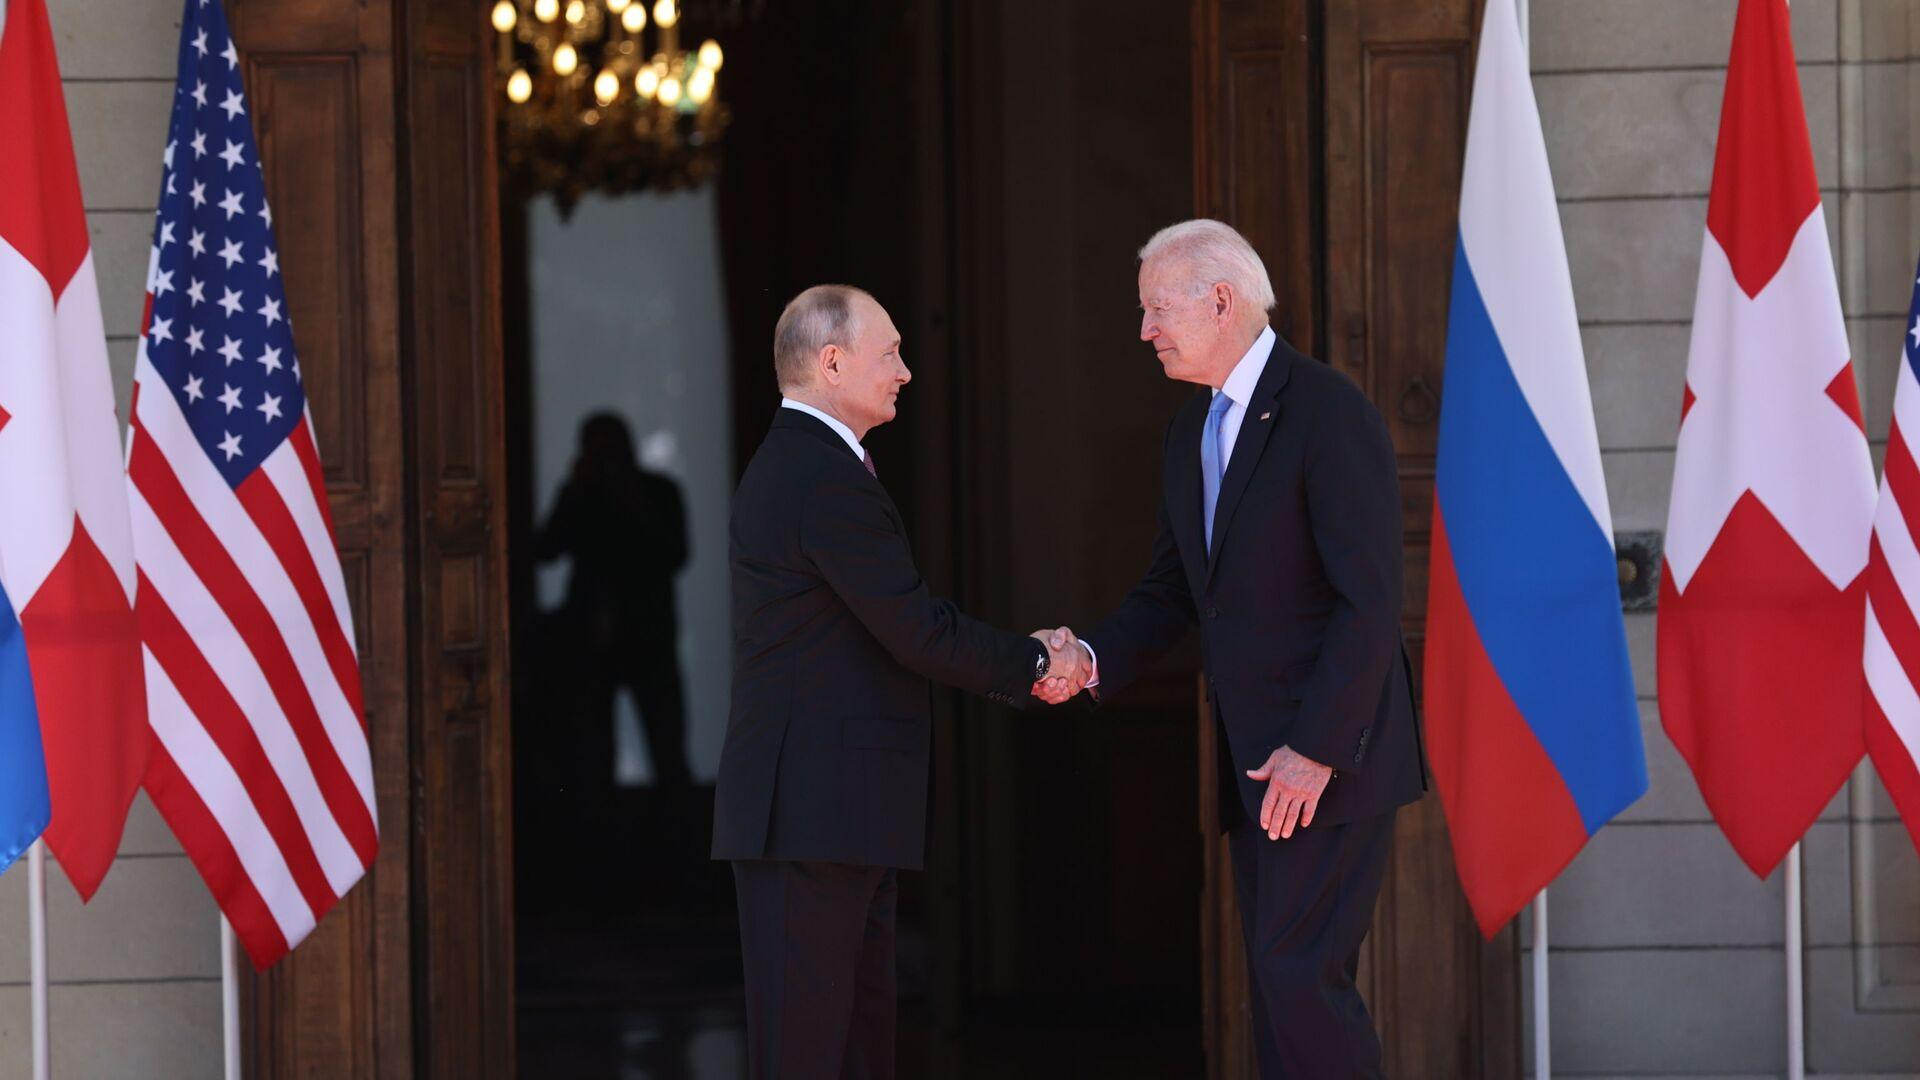 Prezydent Rosji Władimir Putin i prezydent USA Joe Biden podczas spotkania w Genewie - Sputnik Polska, 1920, 21.06.2021